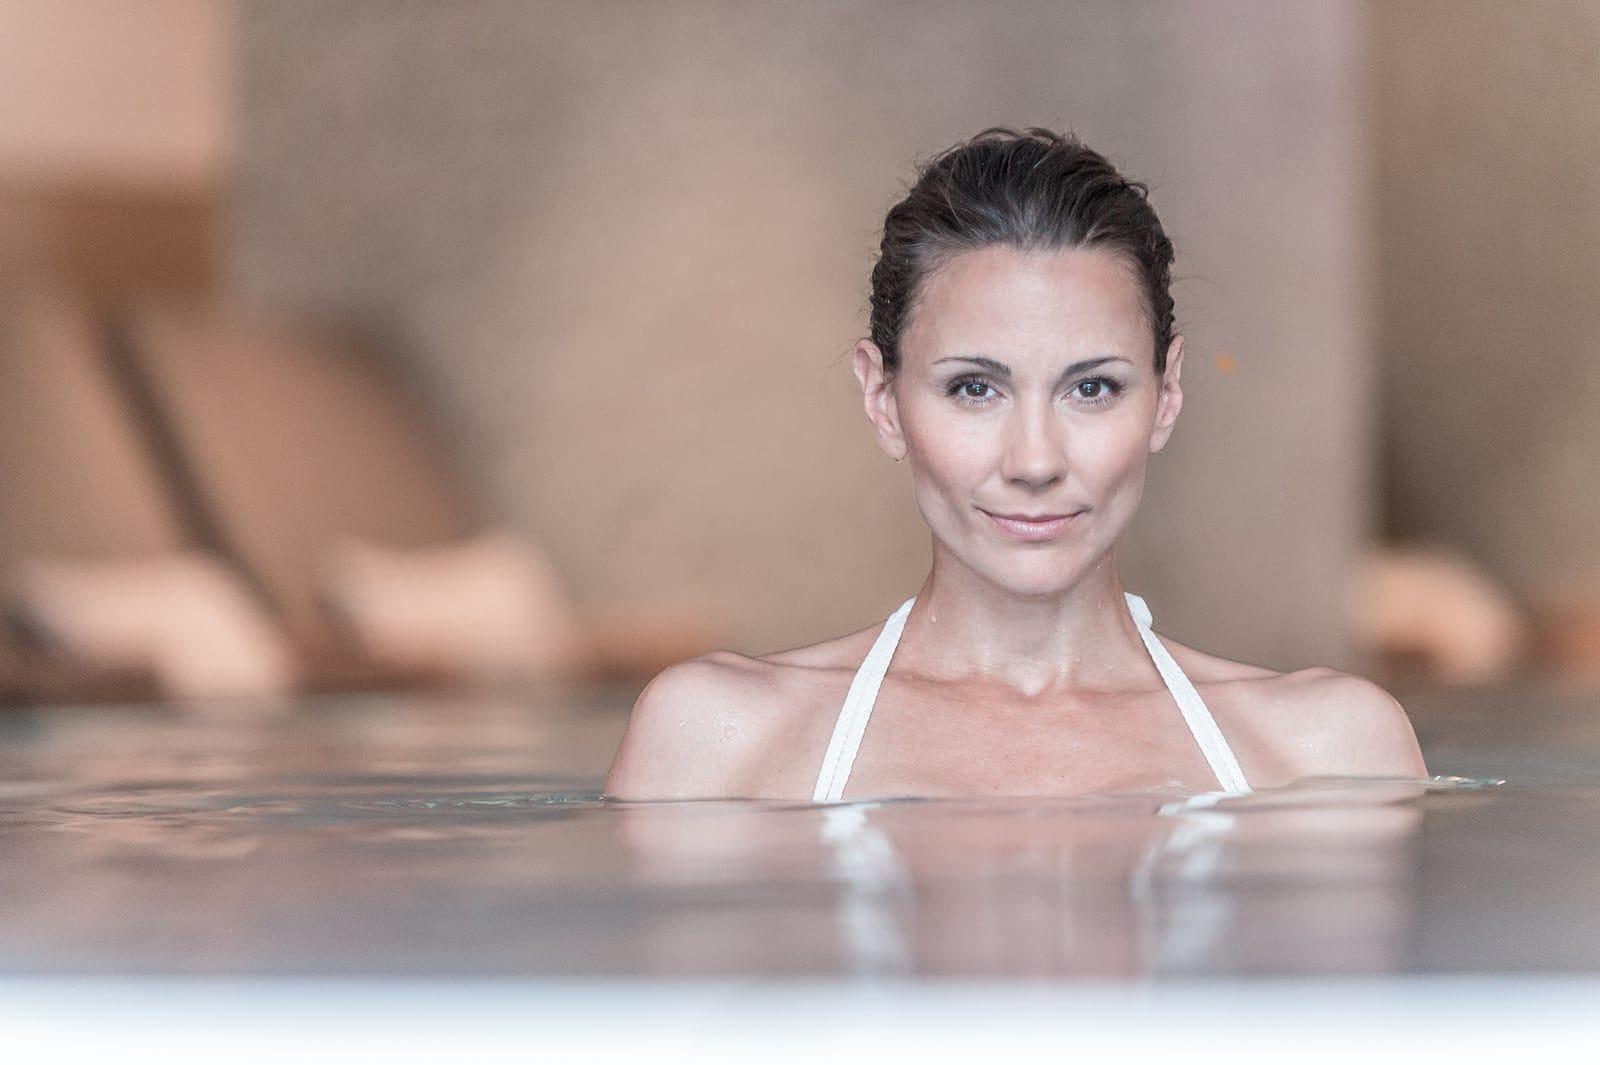 Dunkelhaarige Frau im Pool